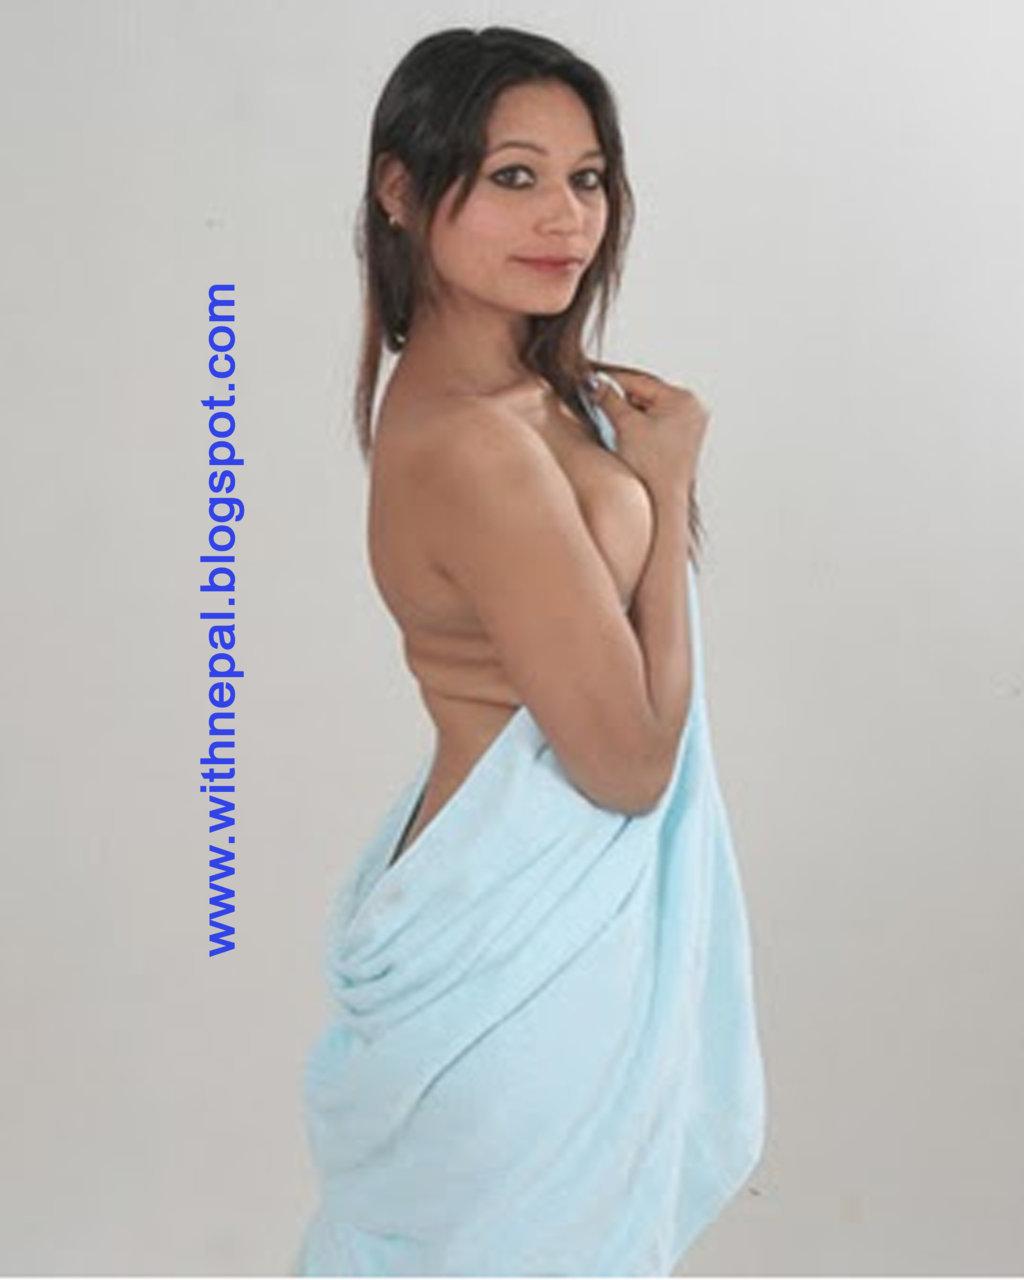 http://4.bp.blogspot.com/-eari5doPYyE/Tqq9tPc3X-I/AAAAAAAAA8Q/HpEiCdvLPCE/s1600/Shova+Karki++4.jpg